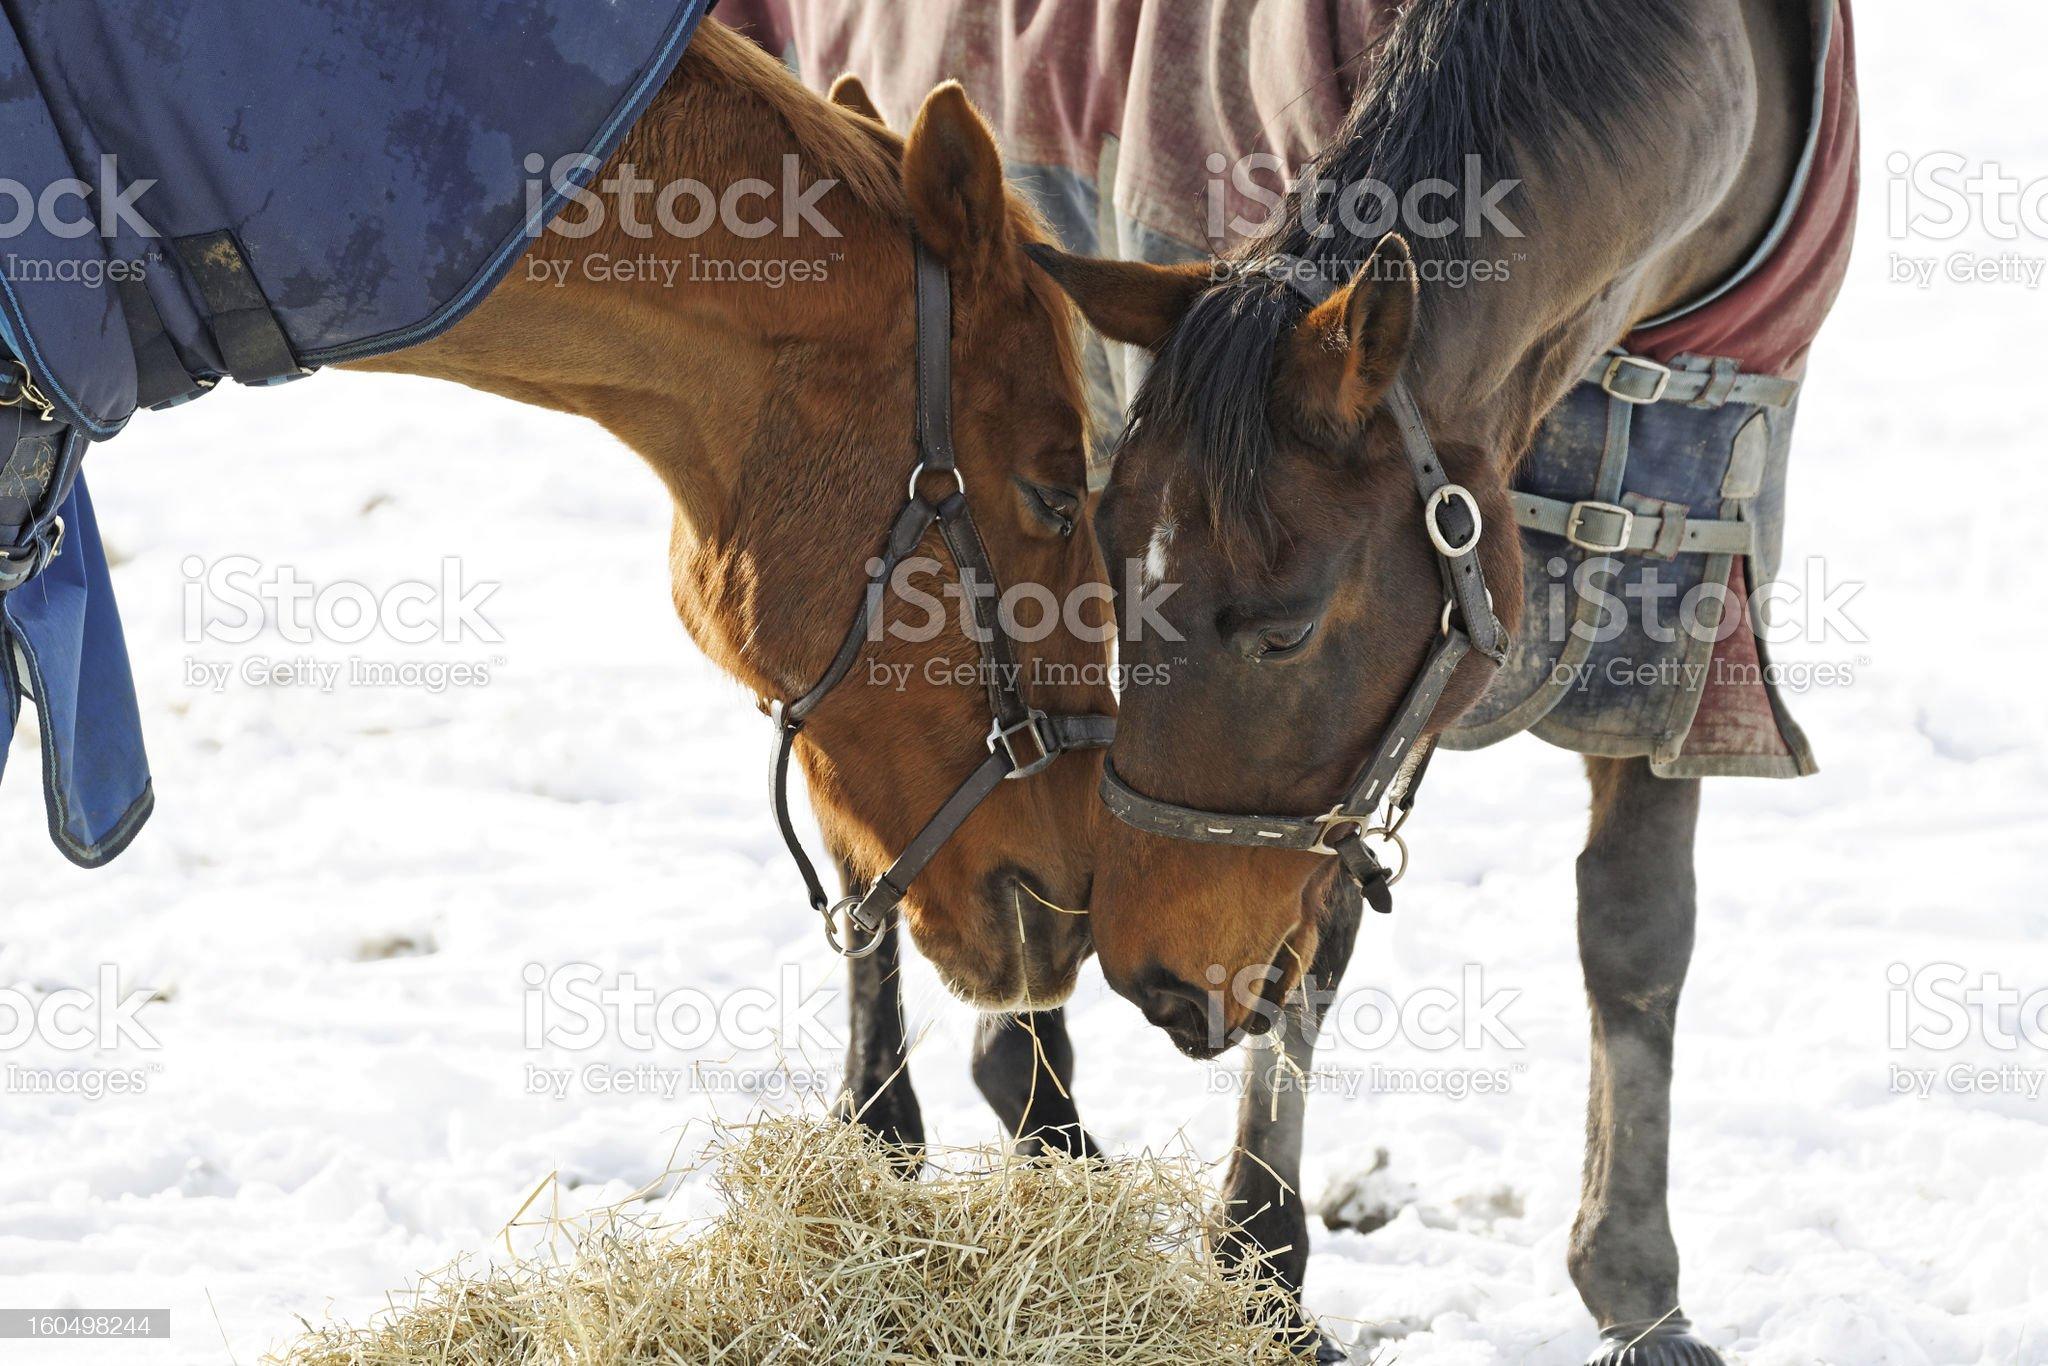 Horses Whispering royalty-free stock photo